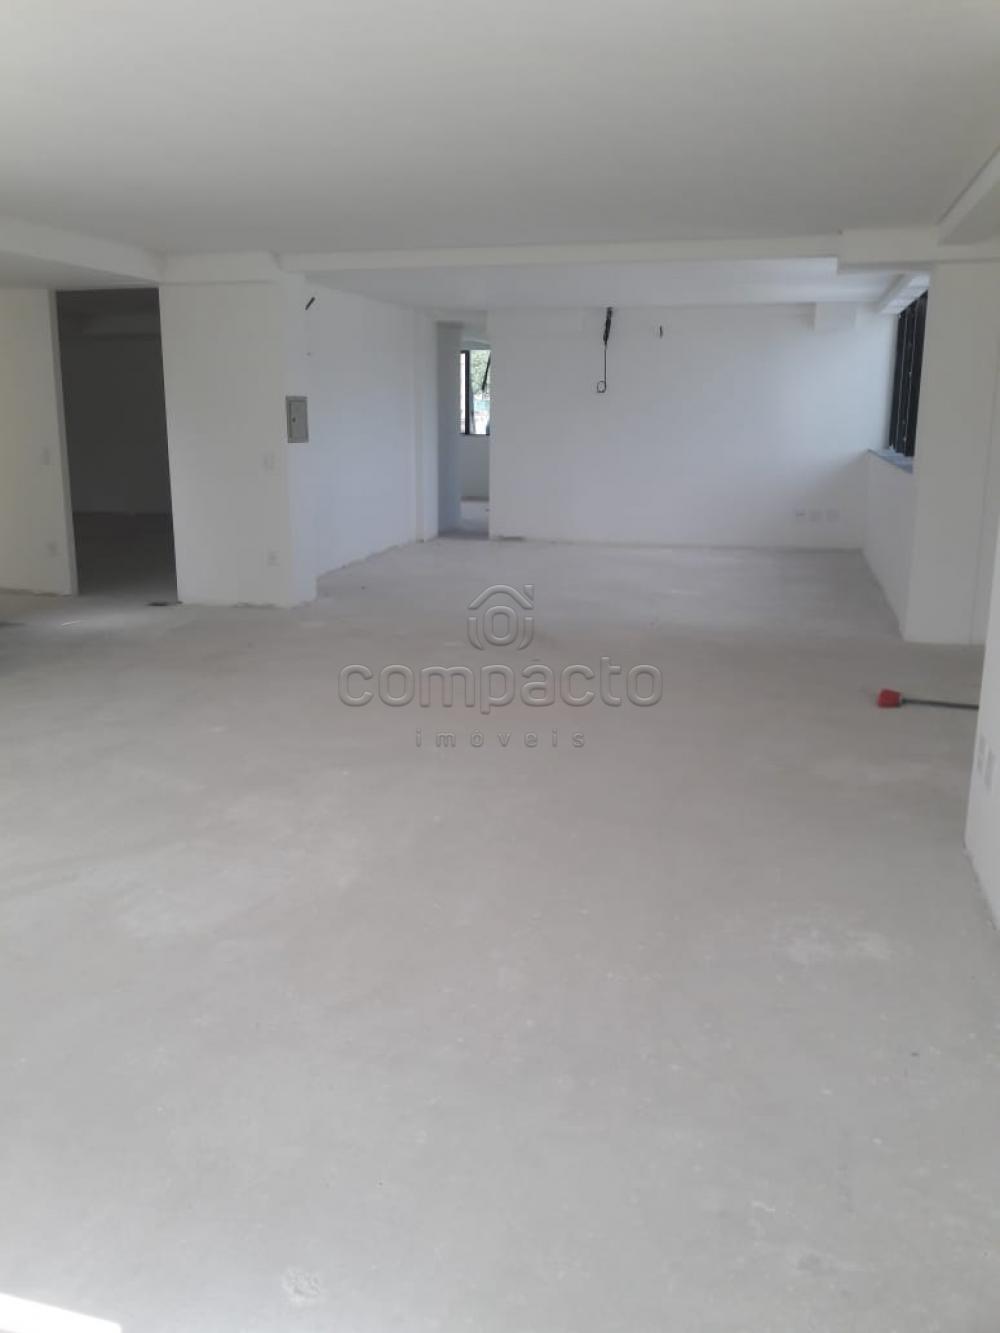 Alugar Comercial / Sala/Loja Condomínio em São José do Rio Preto apenas R$ 14.500,00 - Foto 3